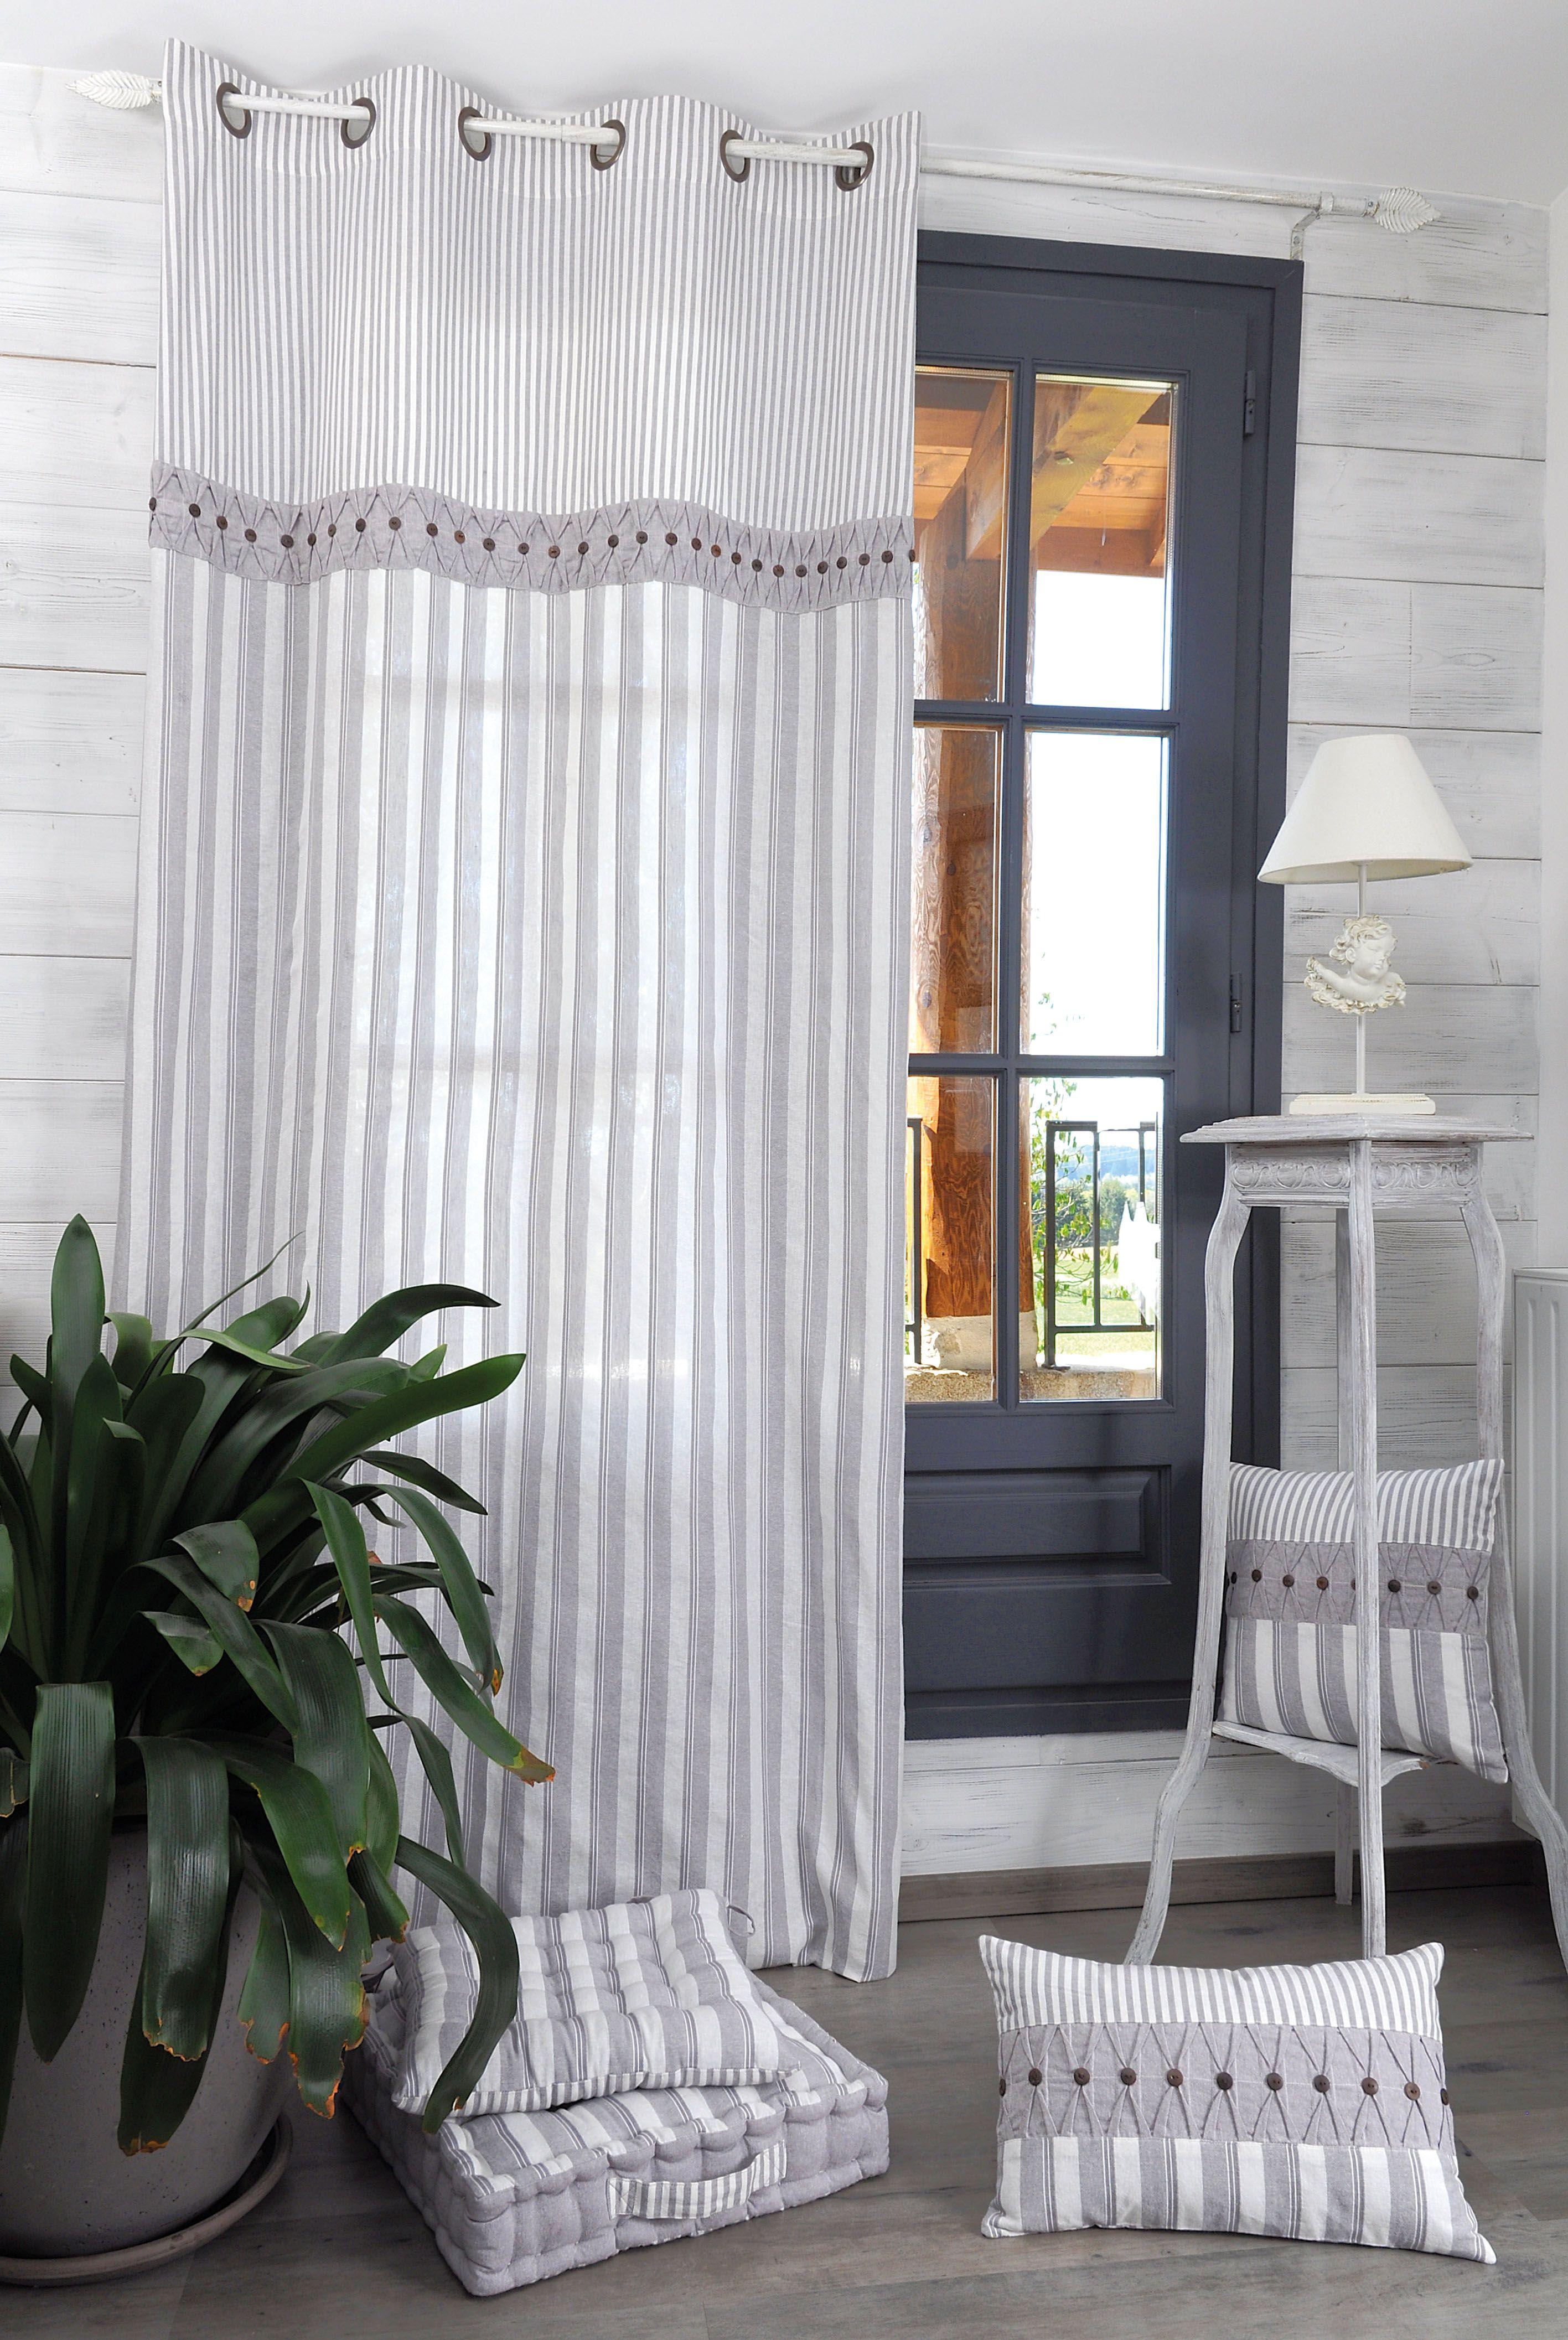 les rideaux au style romantique mon univers romantique pinterest les rideaux romantique. Black Bedroom Furniture Sets. Home Design Ideas